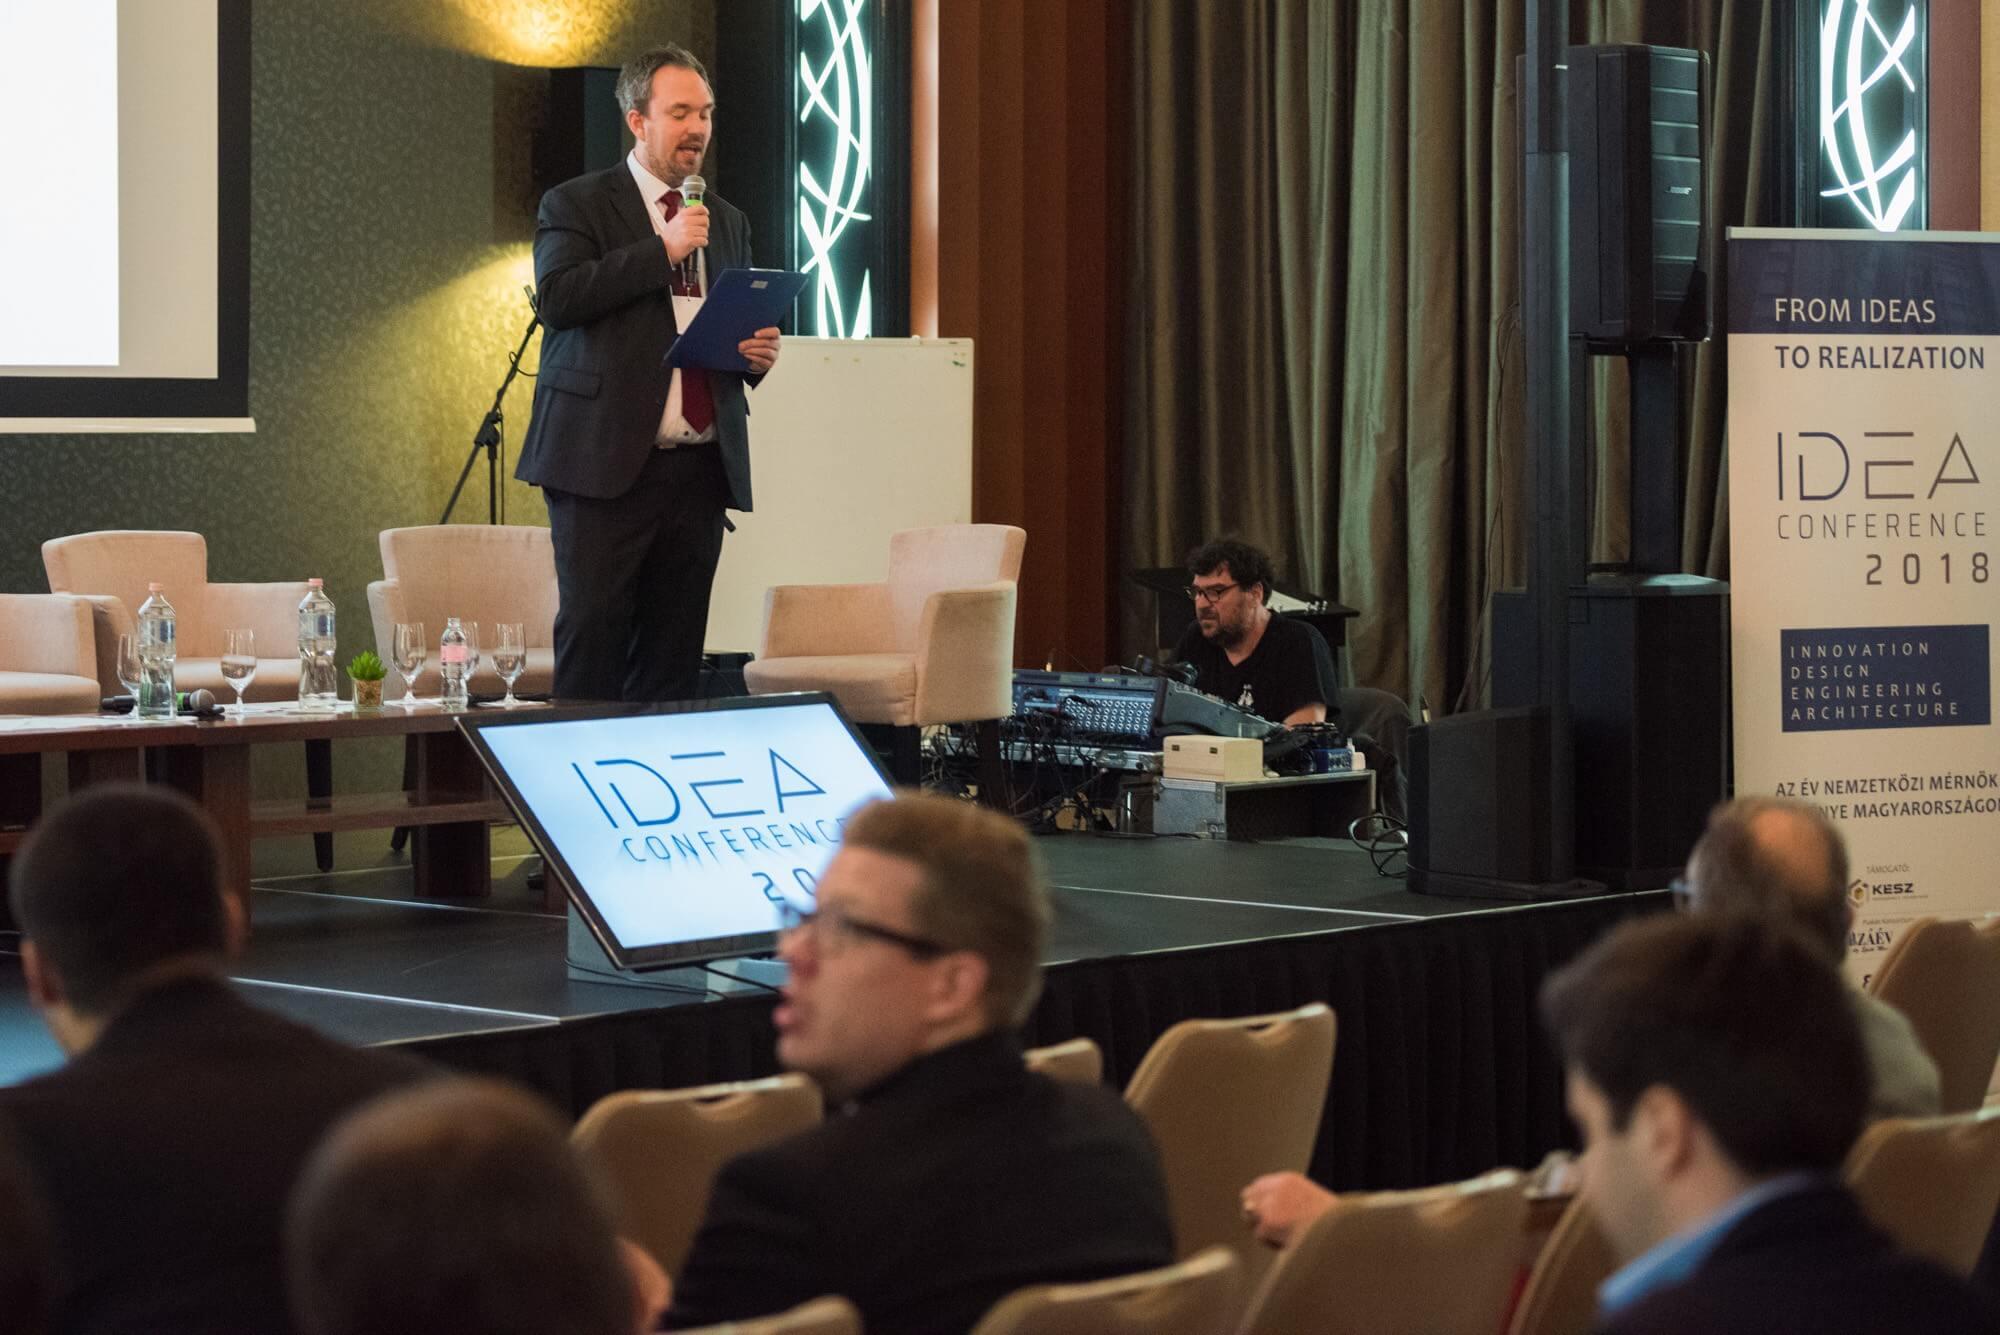 Megszólalnak az IDEA Conference 2019 fő támogatói